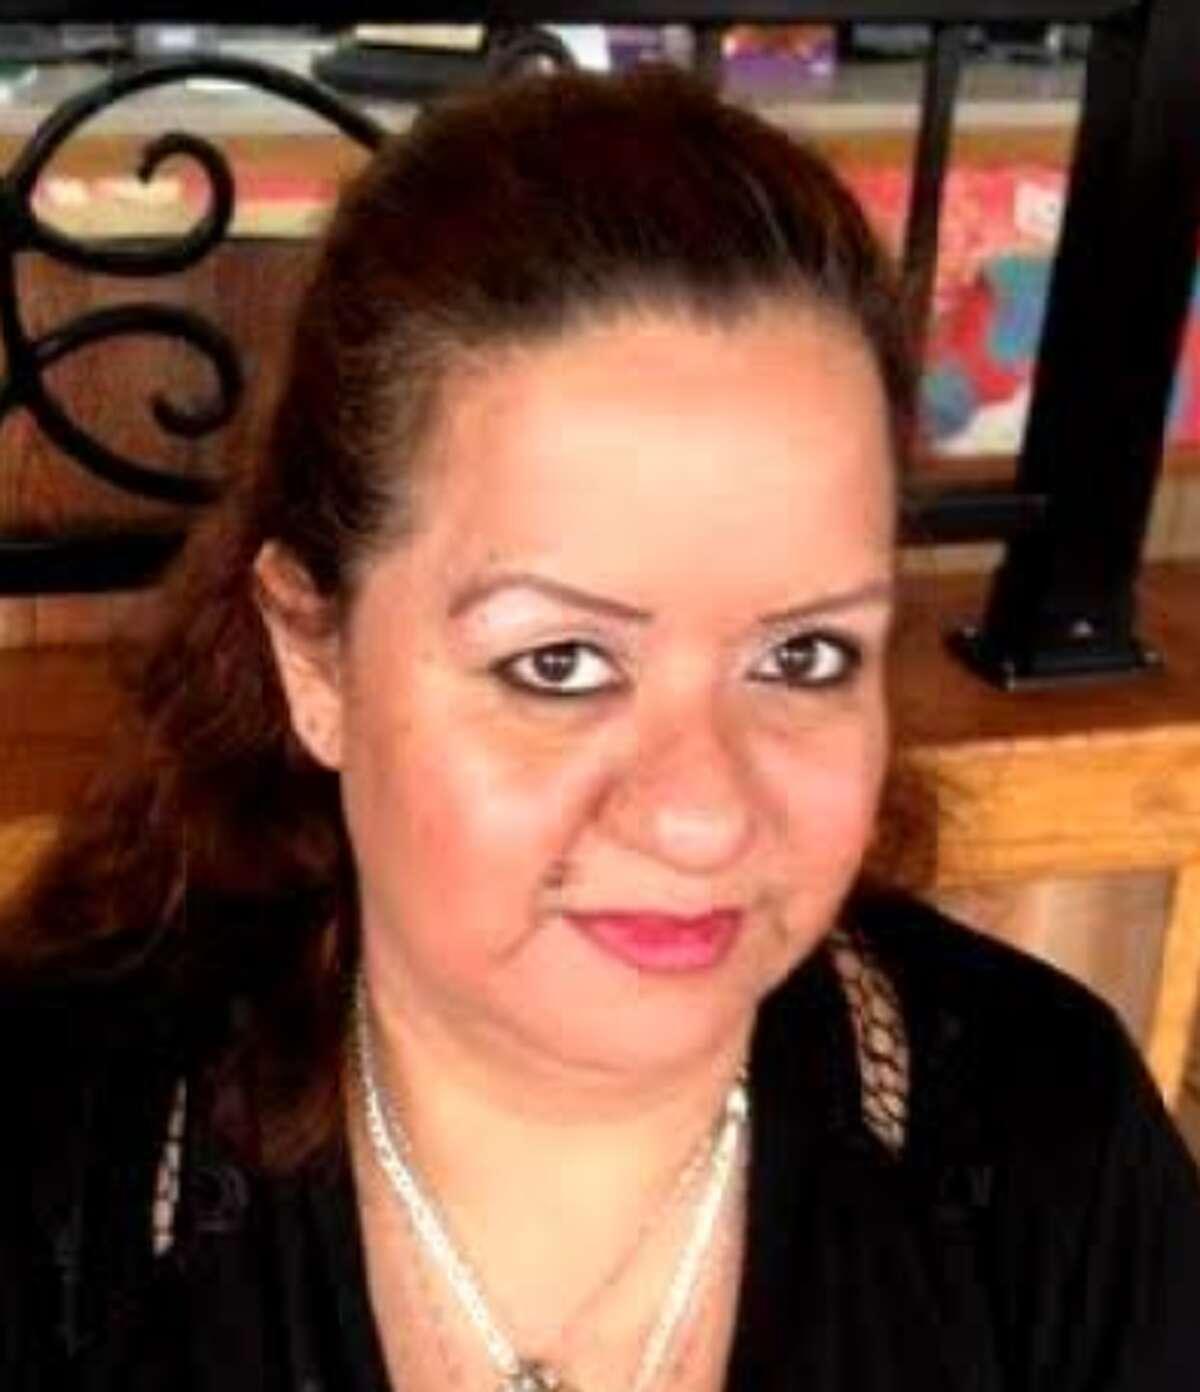 Maria del Carmen Uvalle Chairez